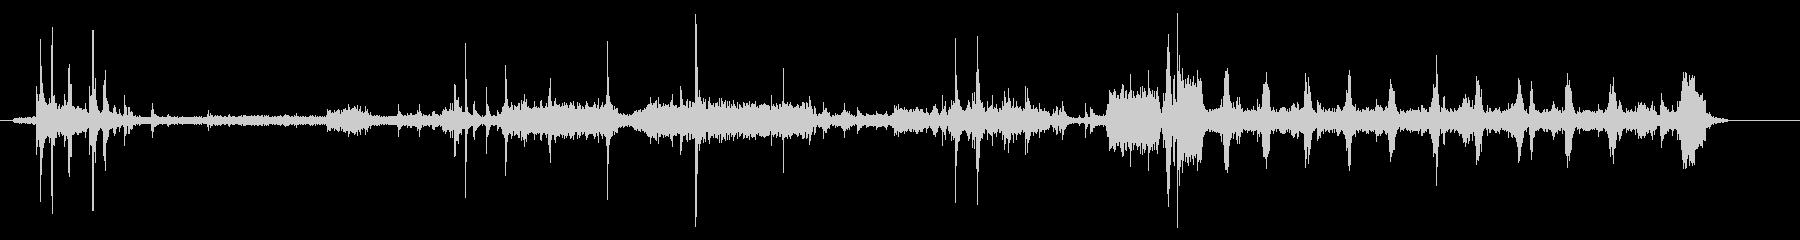 プリンター02-04(コピー)の未再生の波形